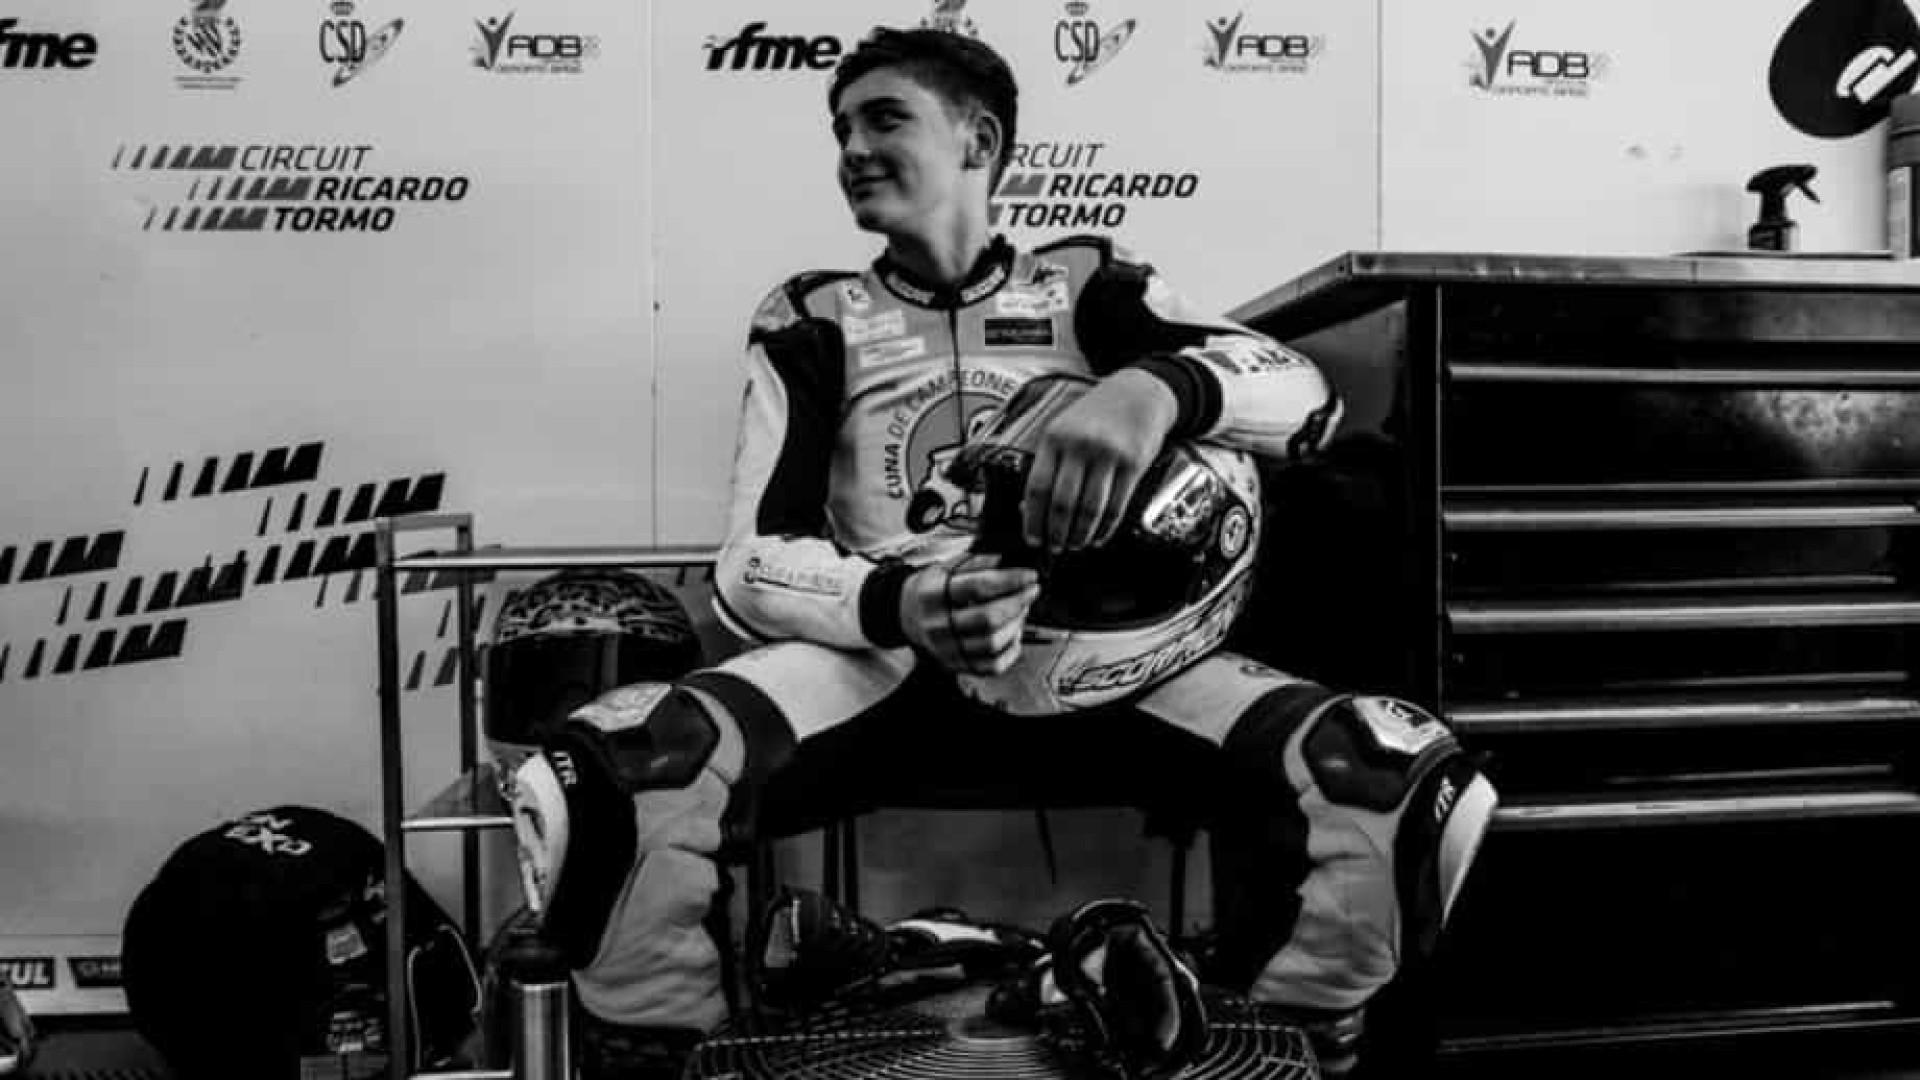 Garoto de 14 anos morre após sofrer acidente em etapa de motociclismo